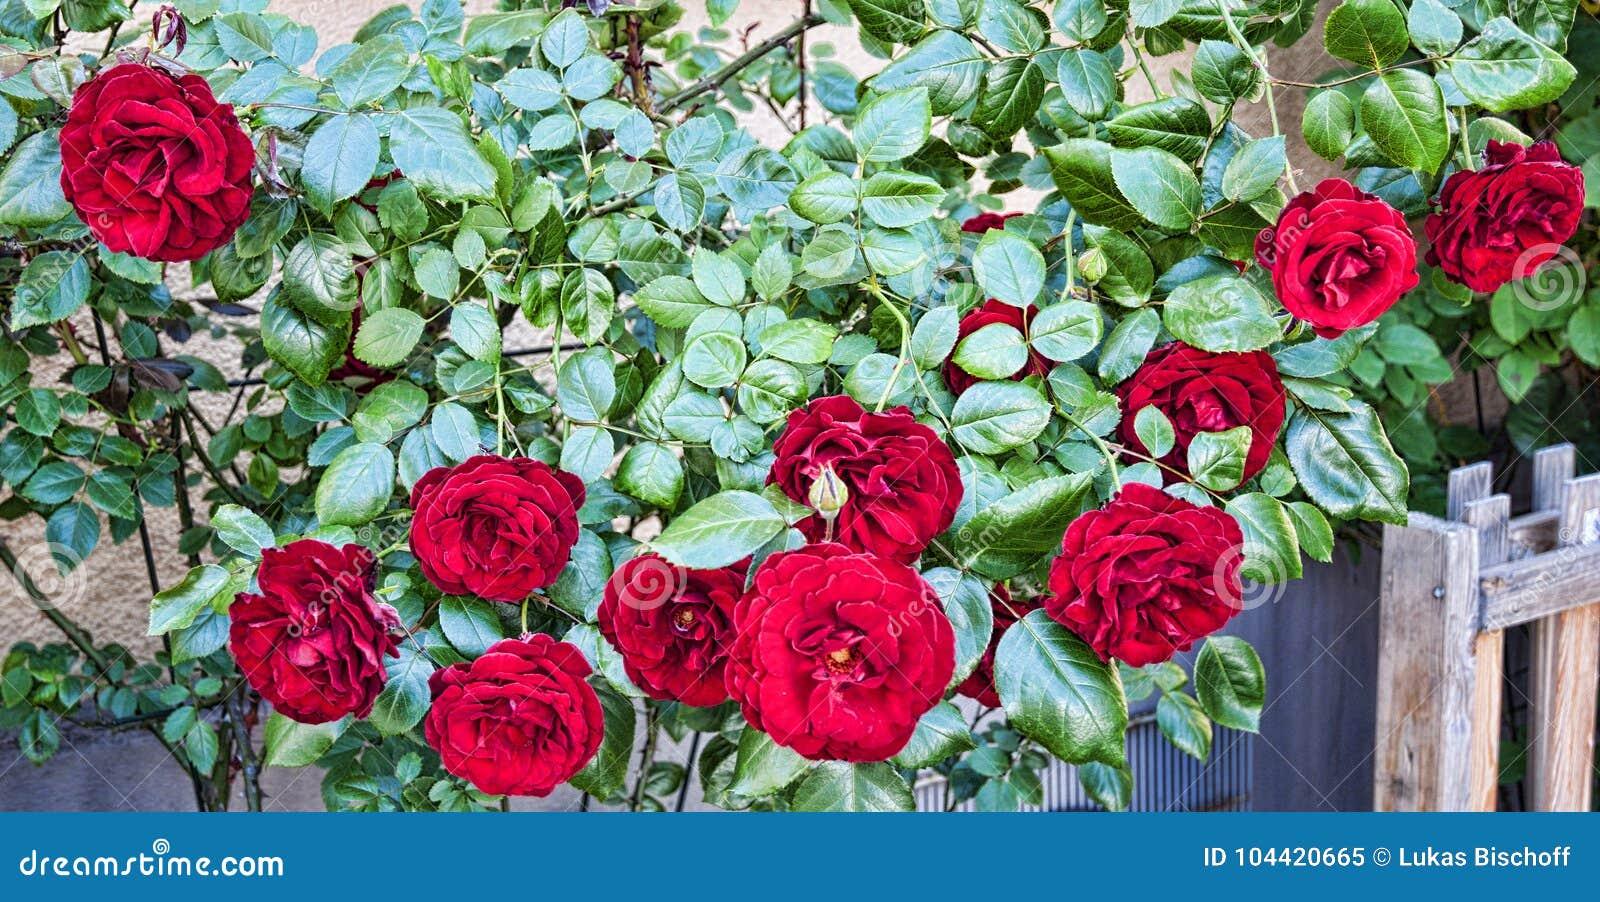 Rosas en jardín